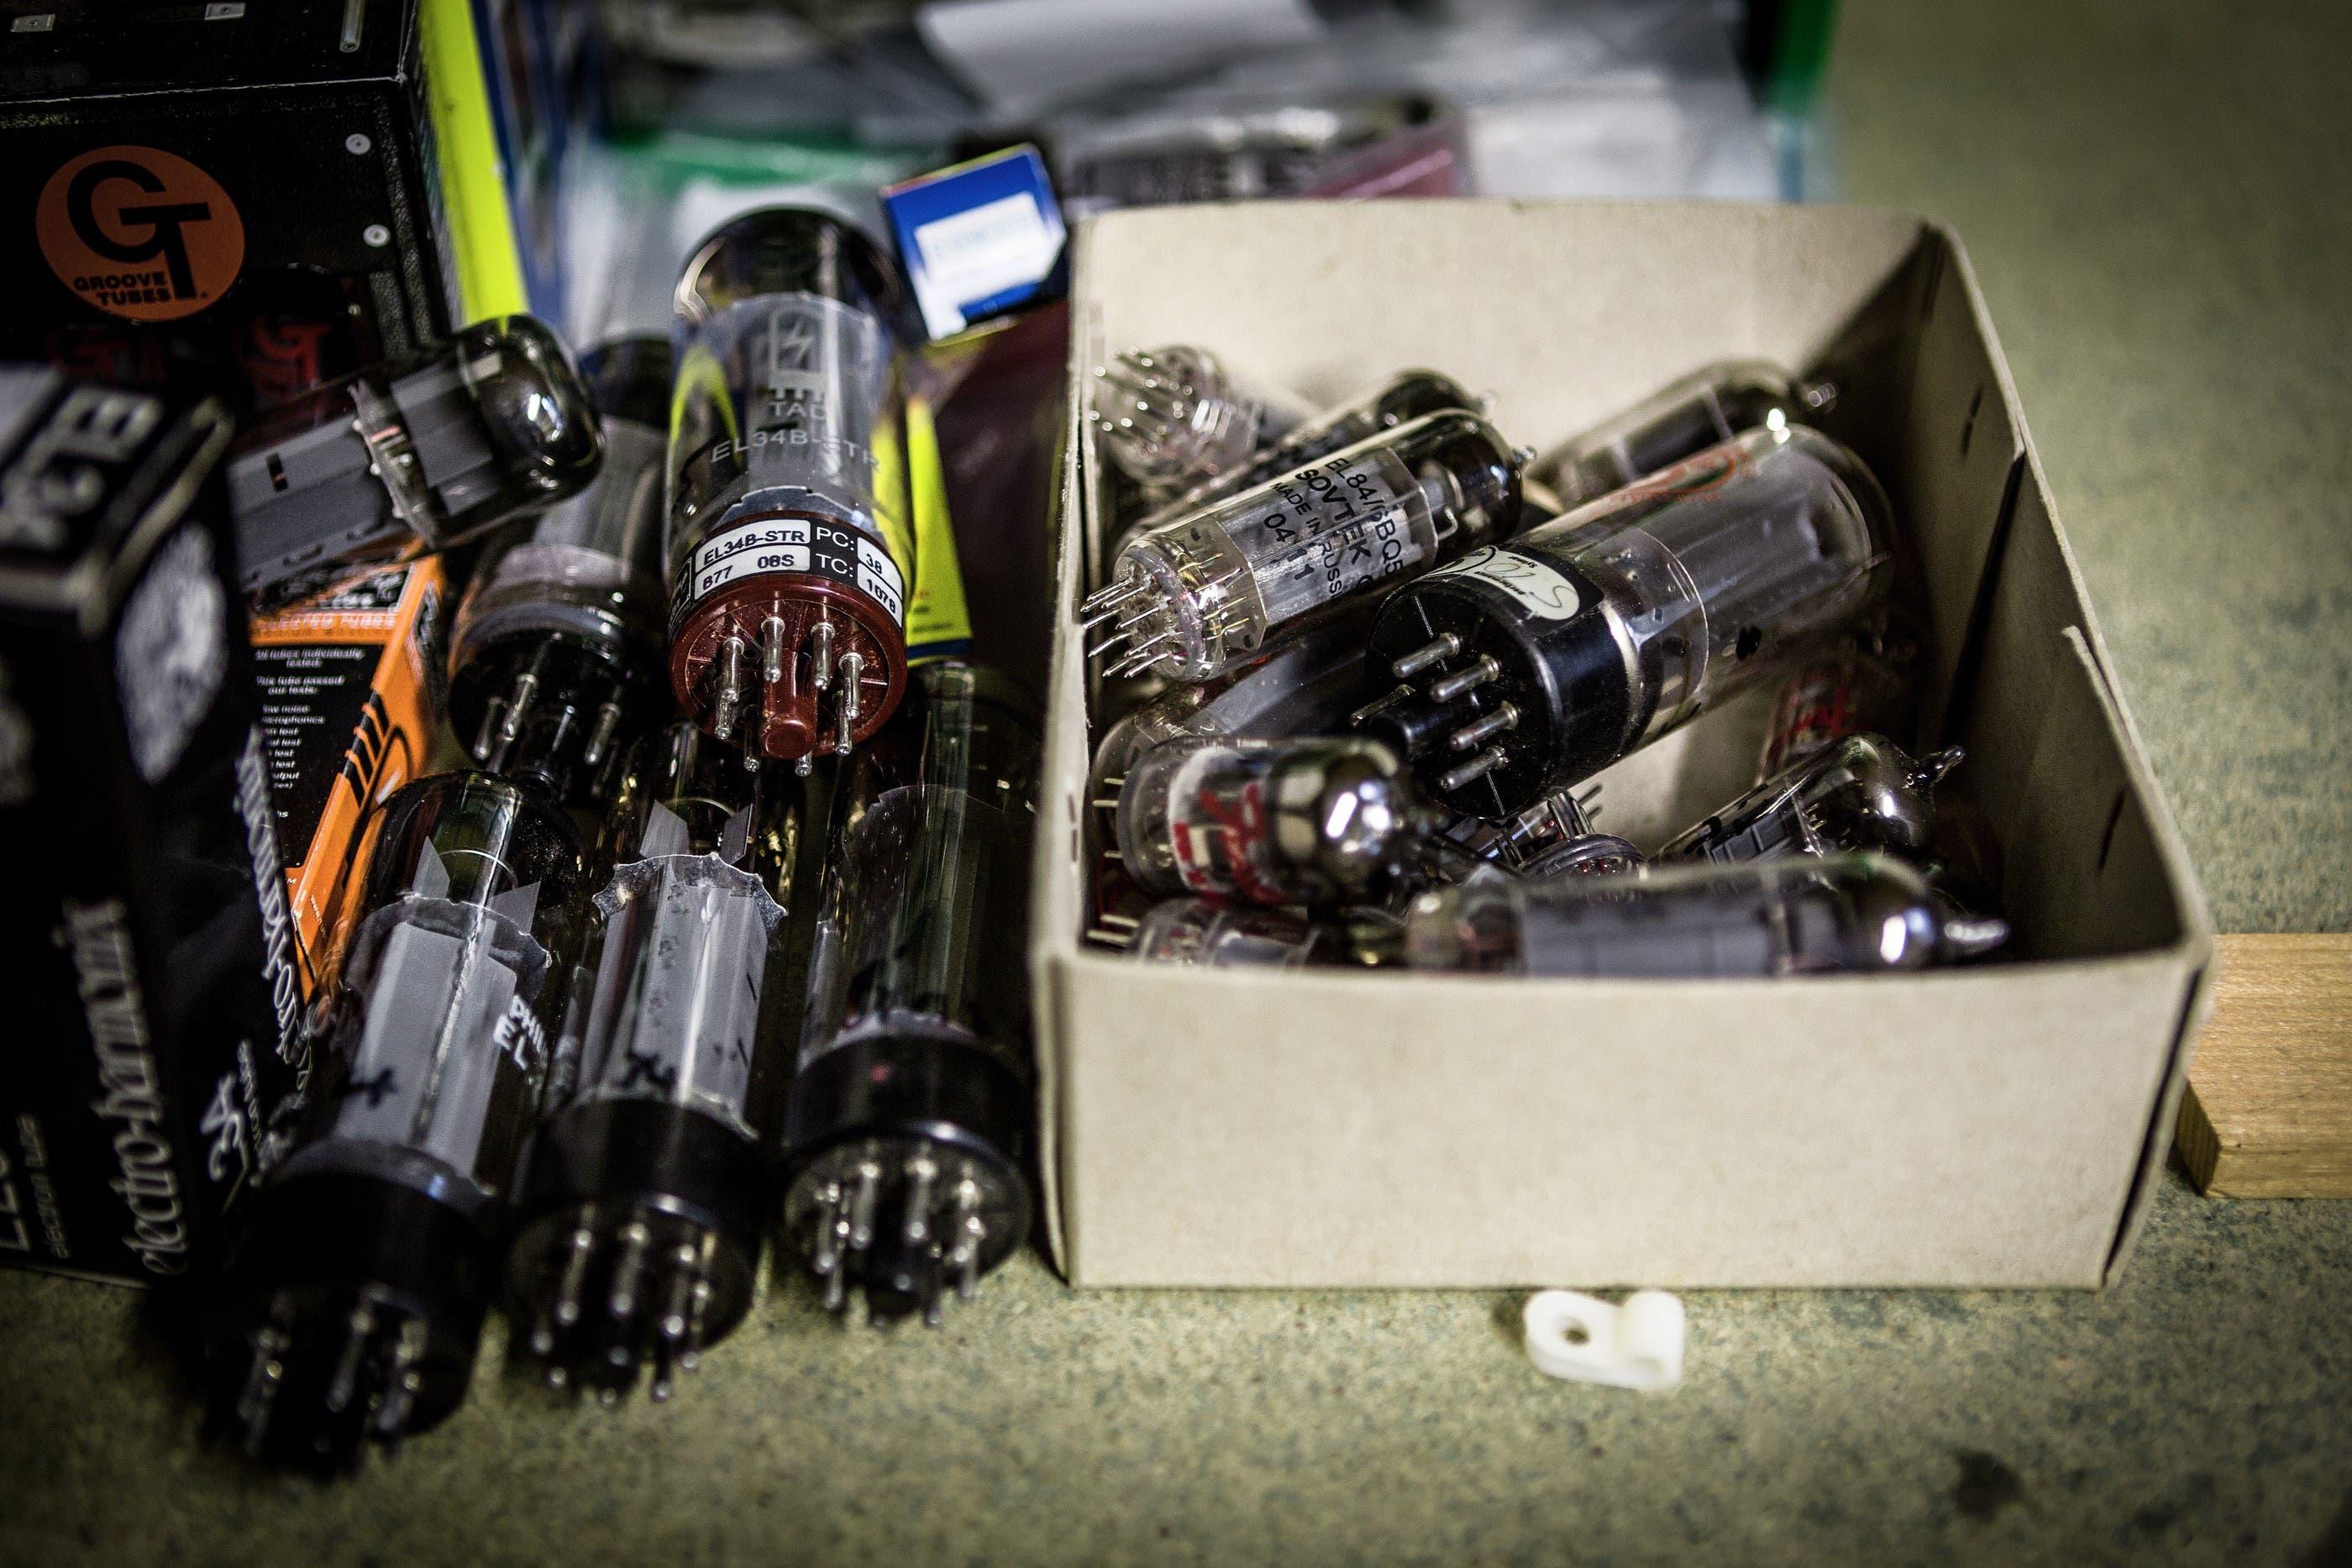 zu den Schätzen gehören auch alte Röhren für Röhrenverstärker (Chris Iseli)